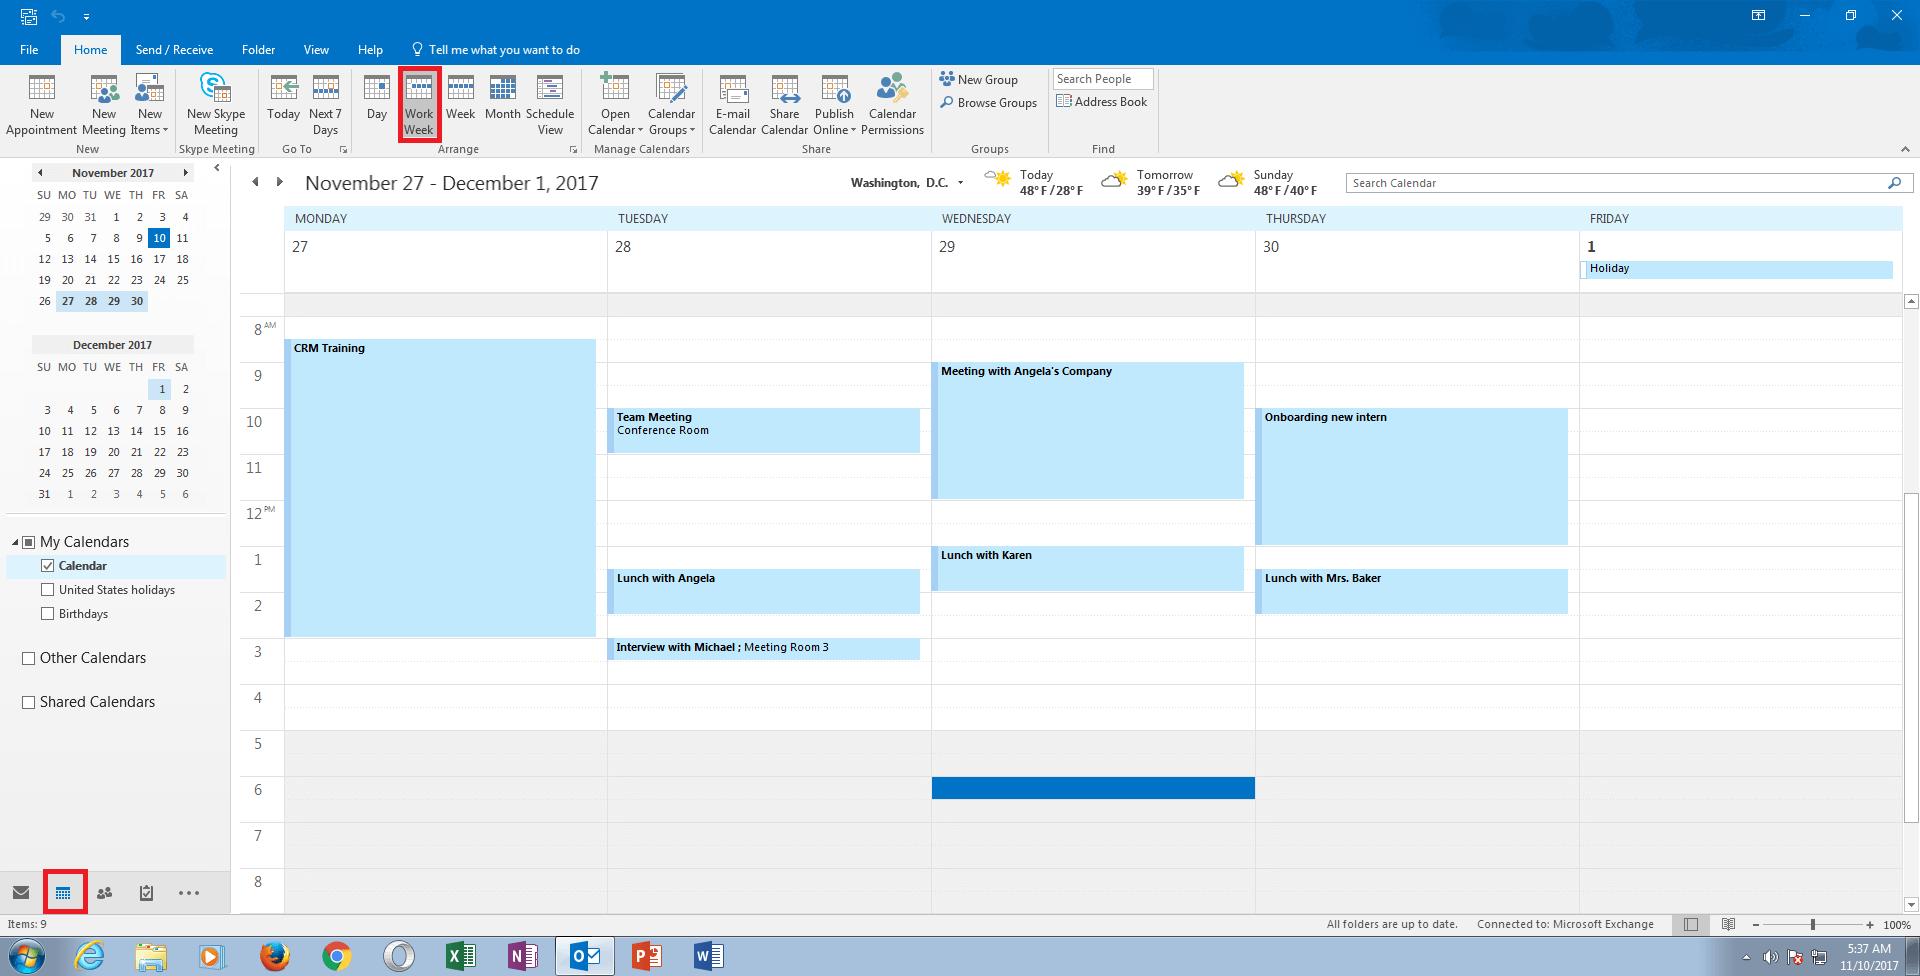 Calendario Outlook.Sharing Outlook Calendars 1 1 Ionos